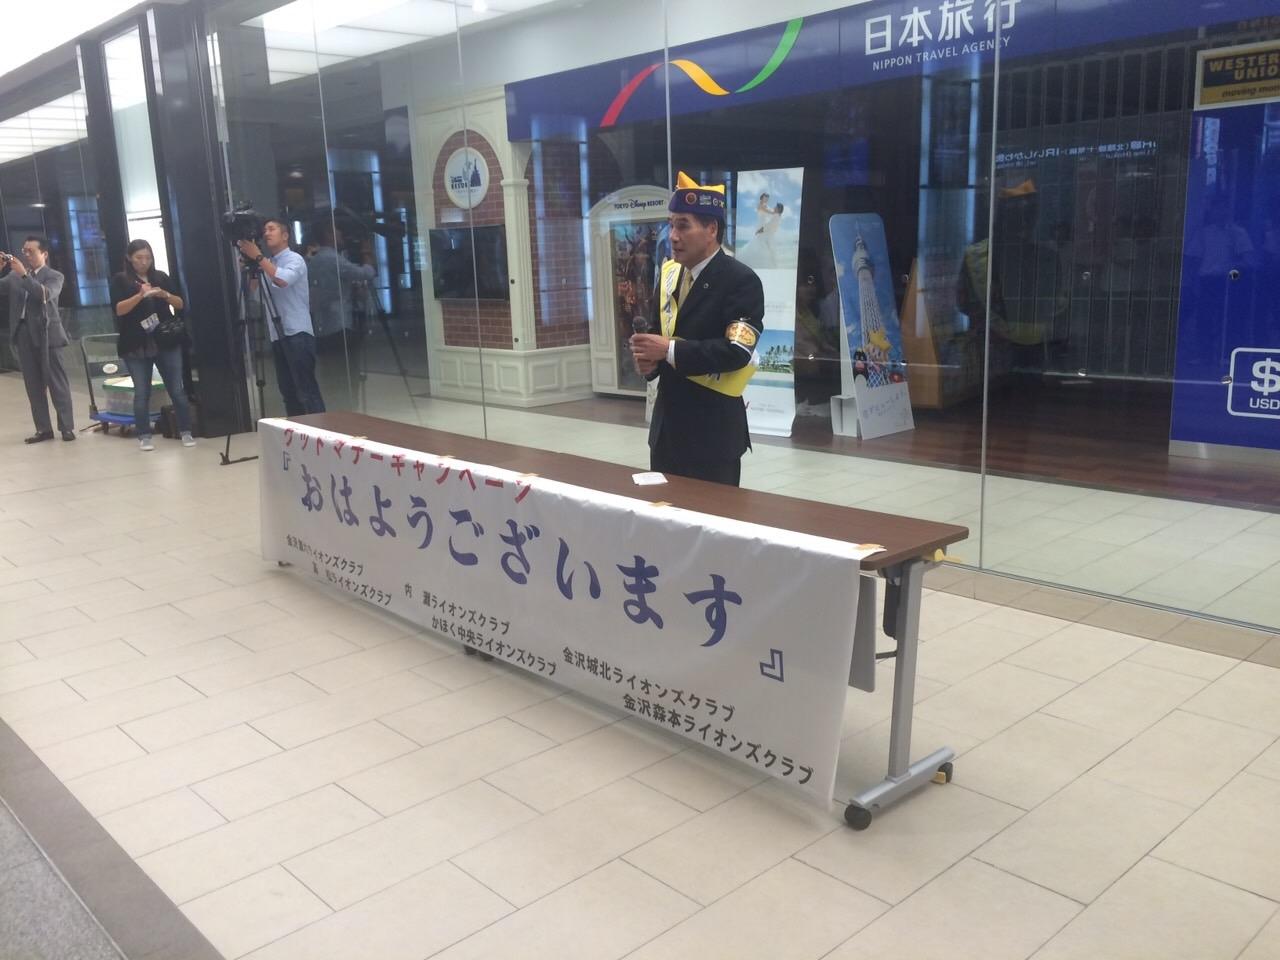 2015グッドマナーキャンペーン金沢駅02